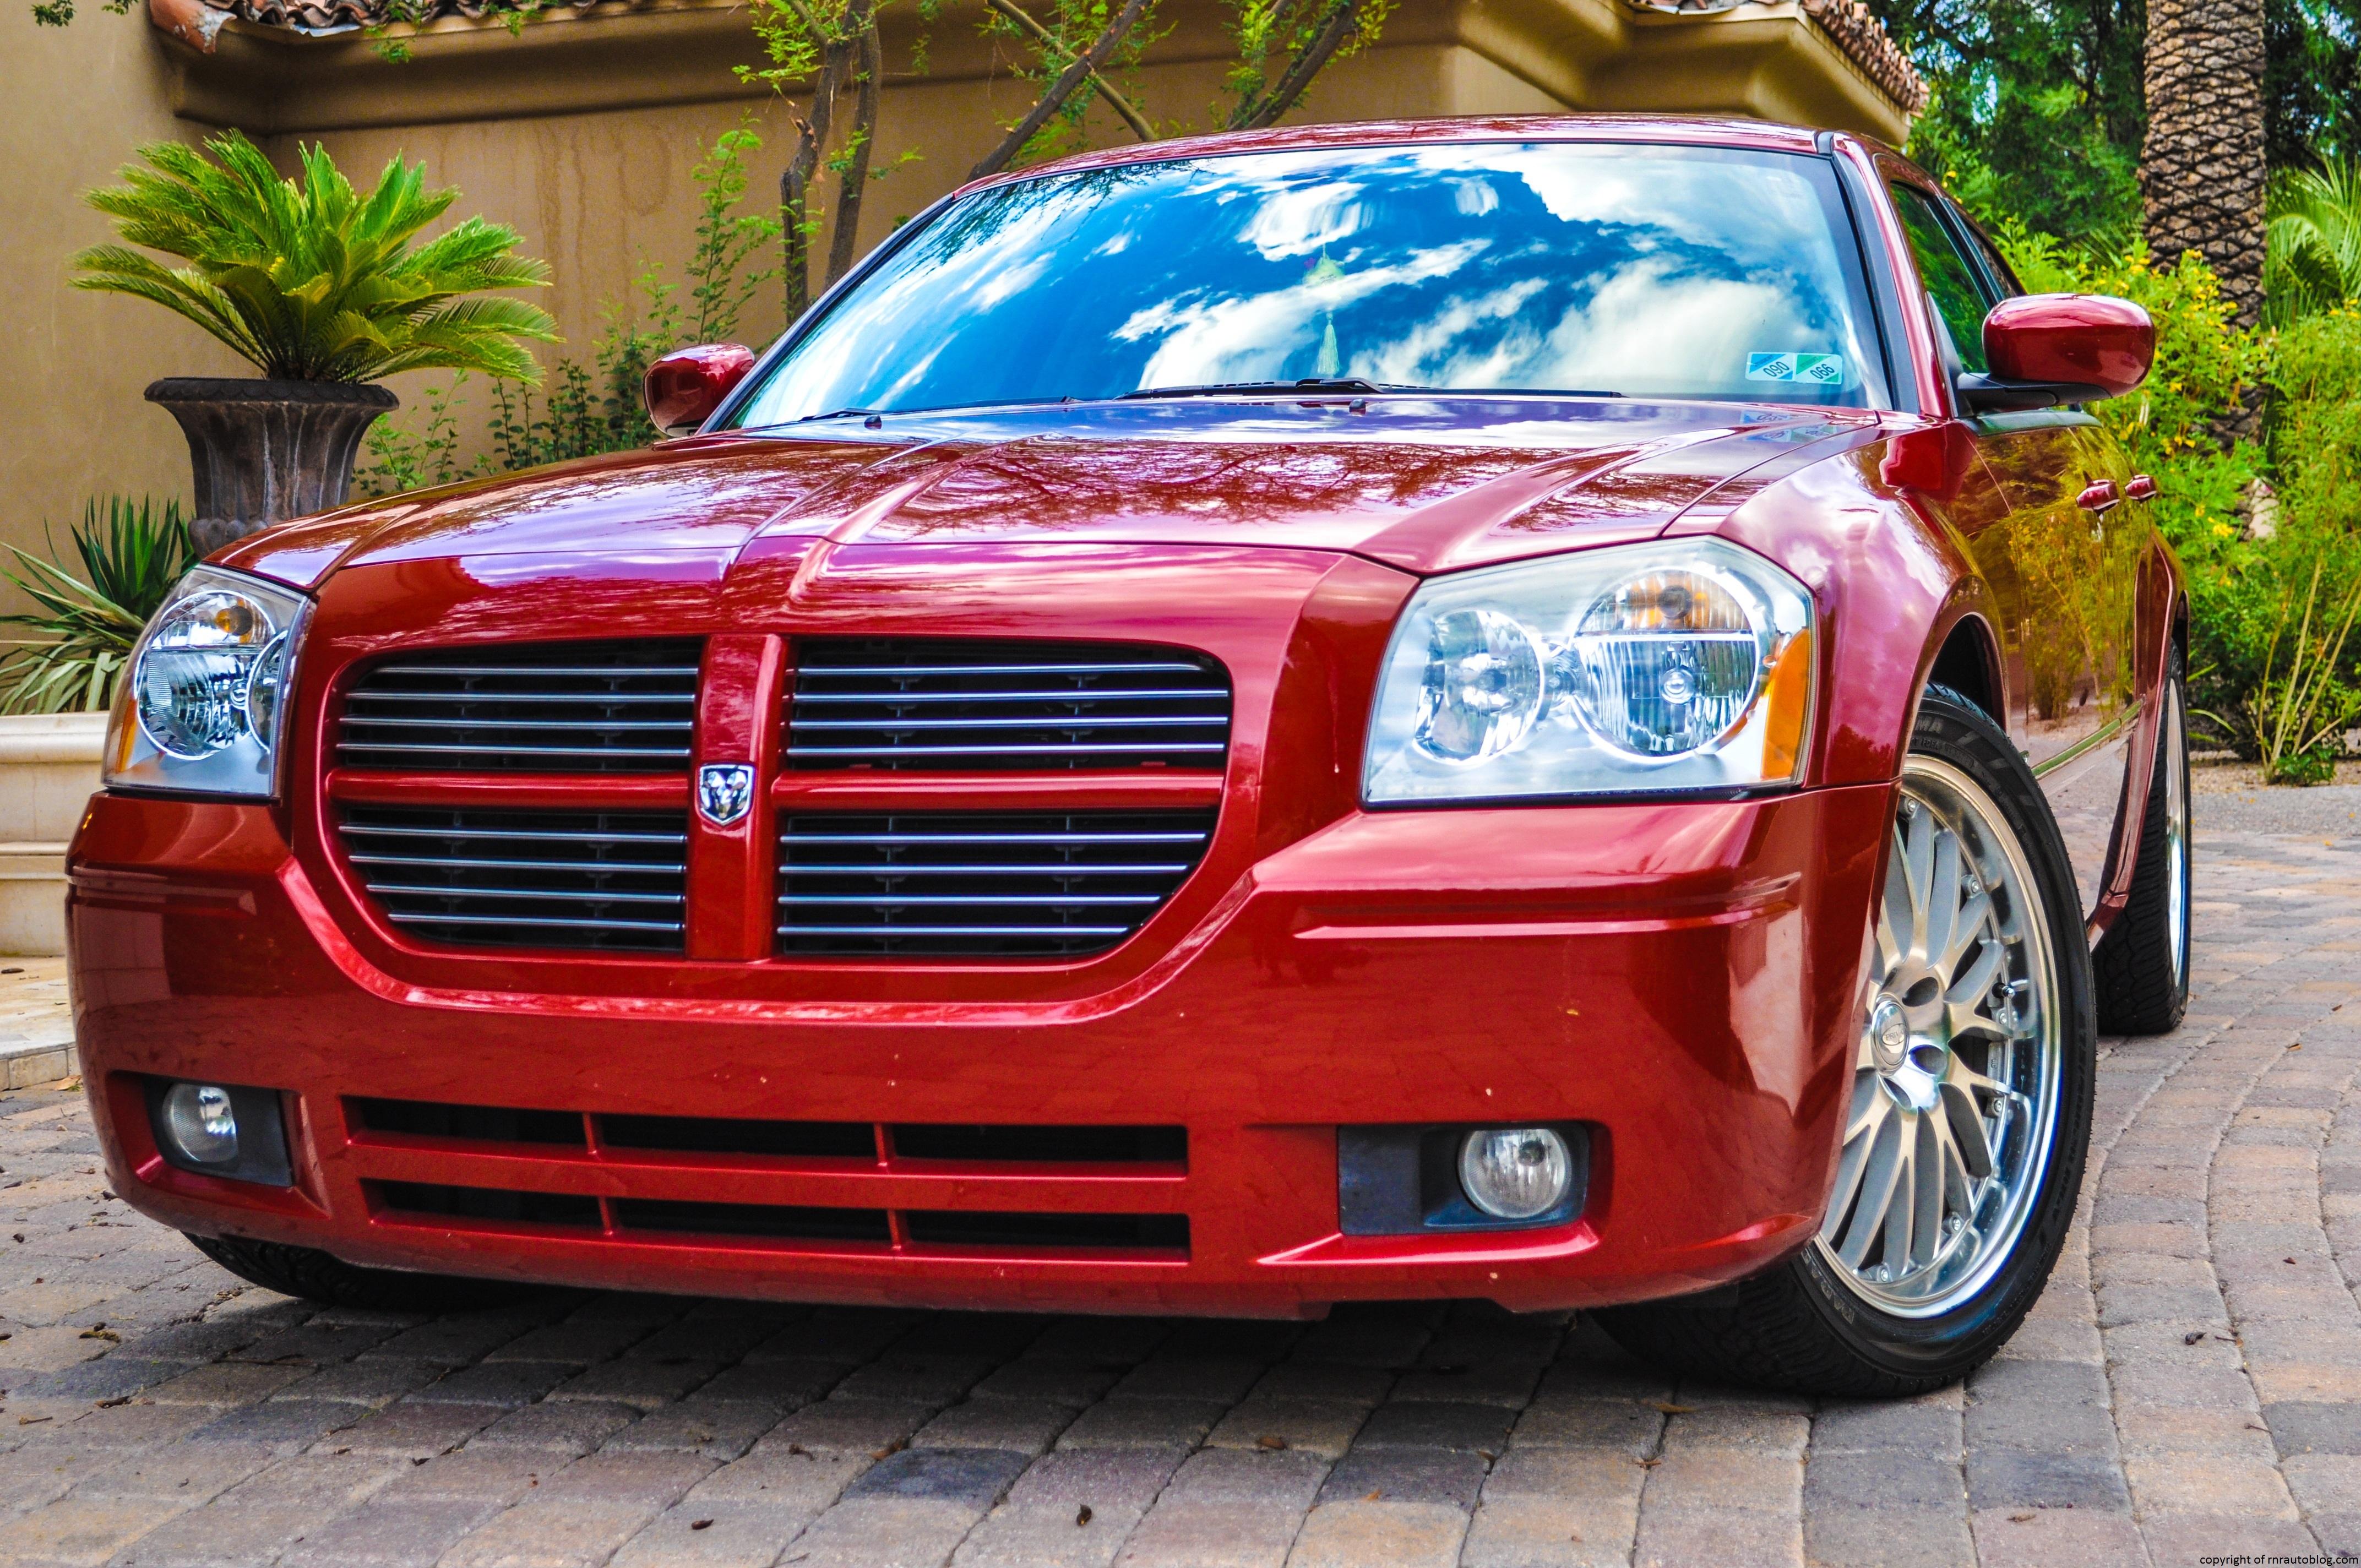 2005 Dodge Magnum R/T Review | RNR Automotive Blog |2014 Dodge Magnum Concept